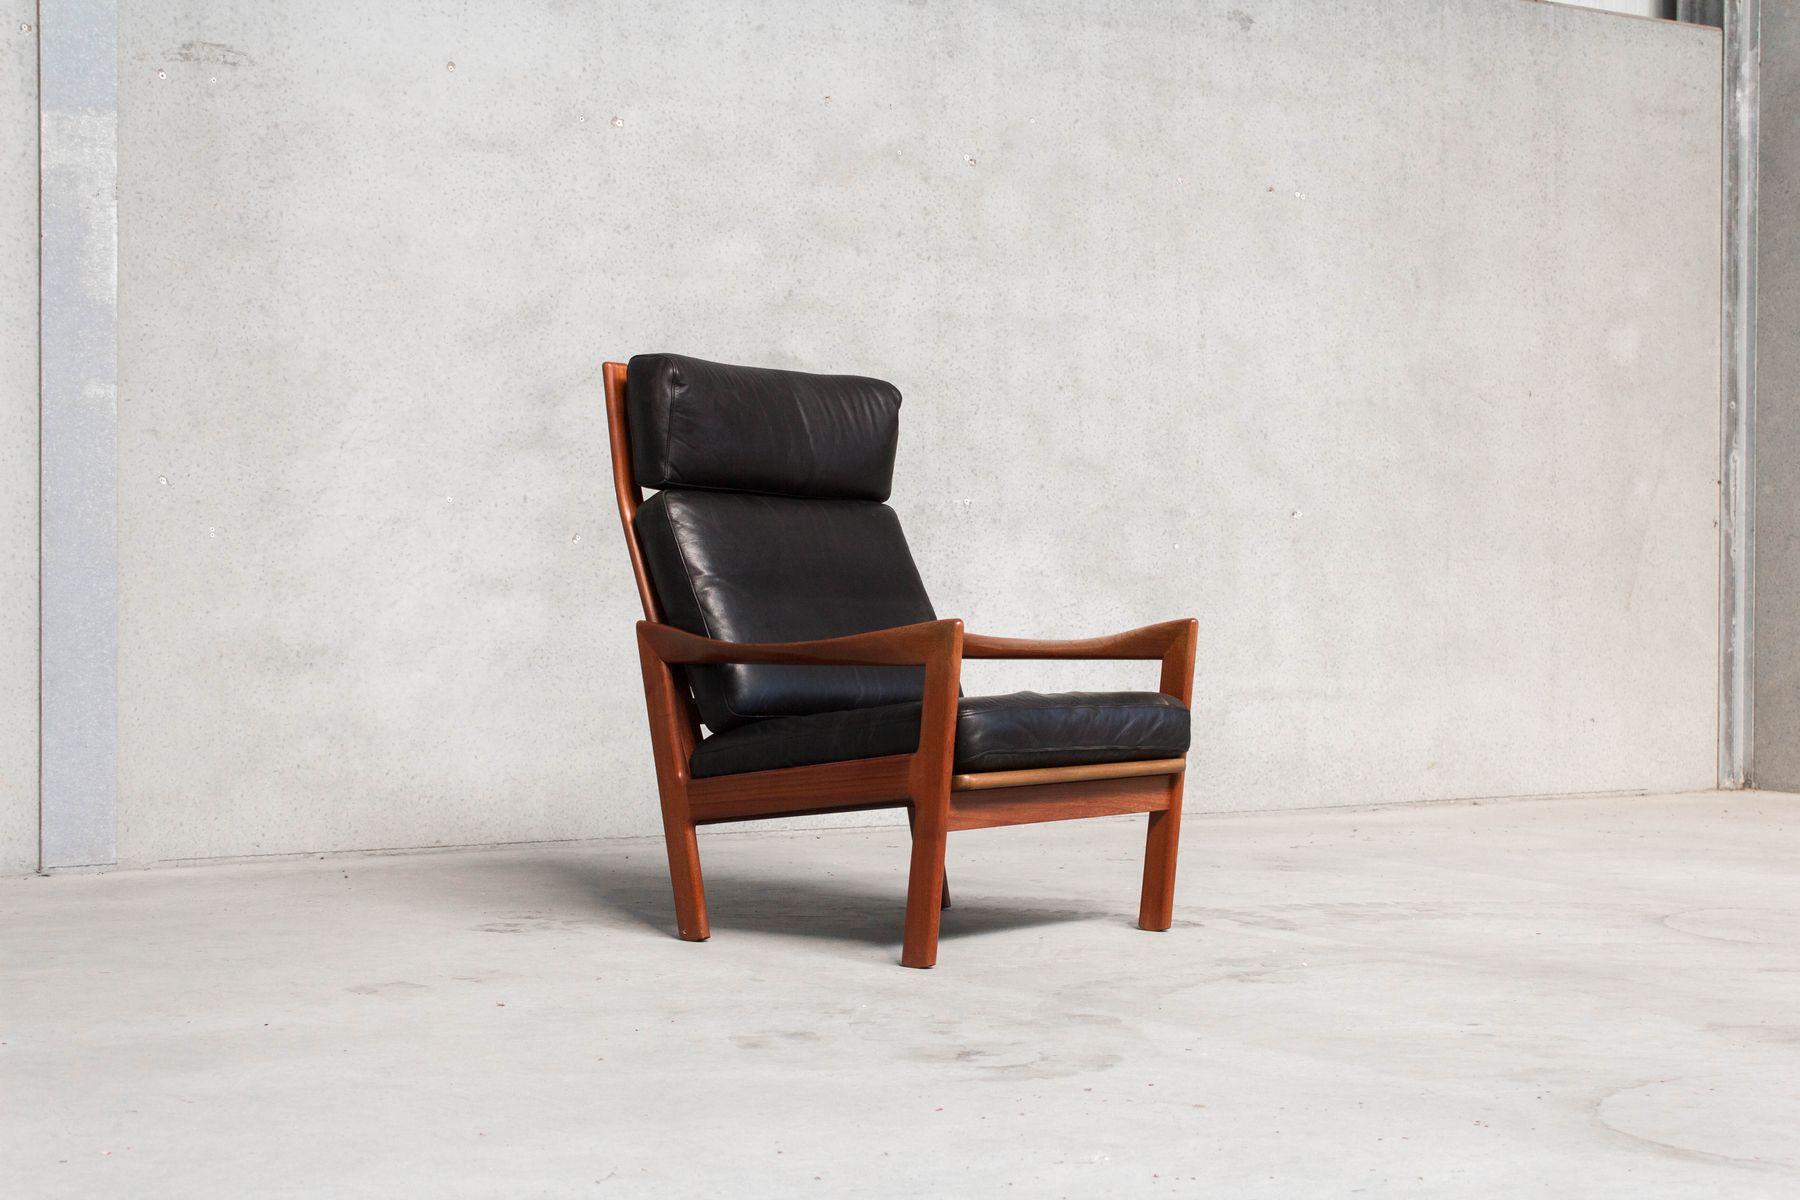 d nischer vintage sessel hocker von ilum wikkels f r niels eilersen bei pamono kaufen. Black Bedroom Furniture Sets. Home Design Ideas